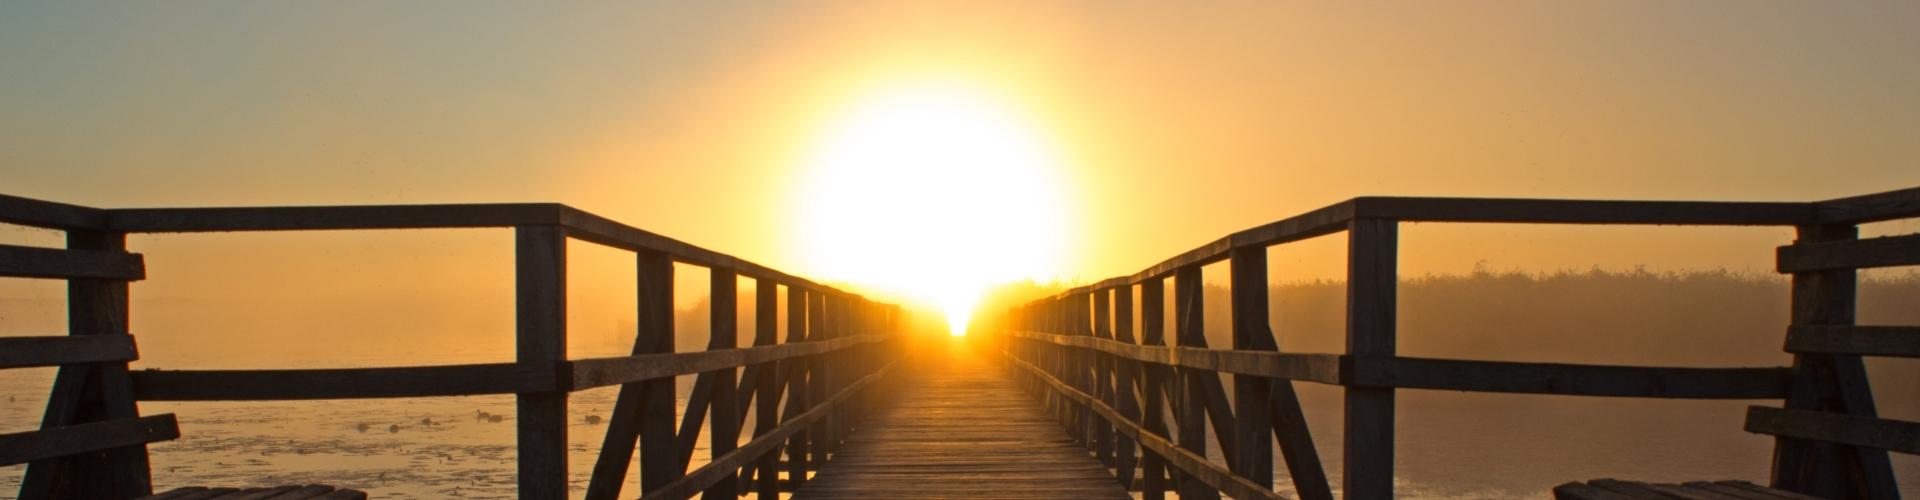 Steiger van houd met zonsopkomst